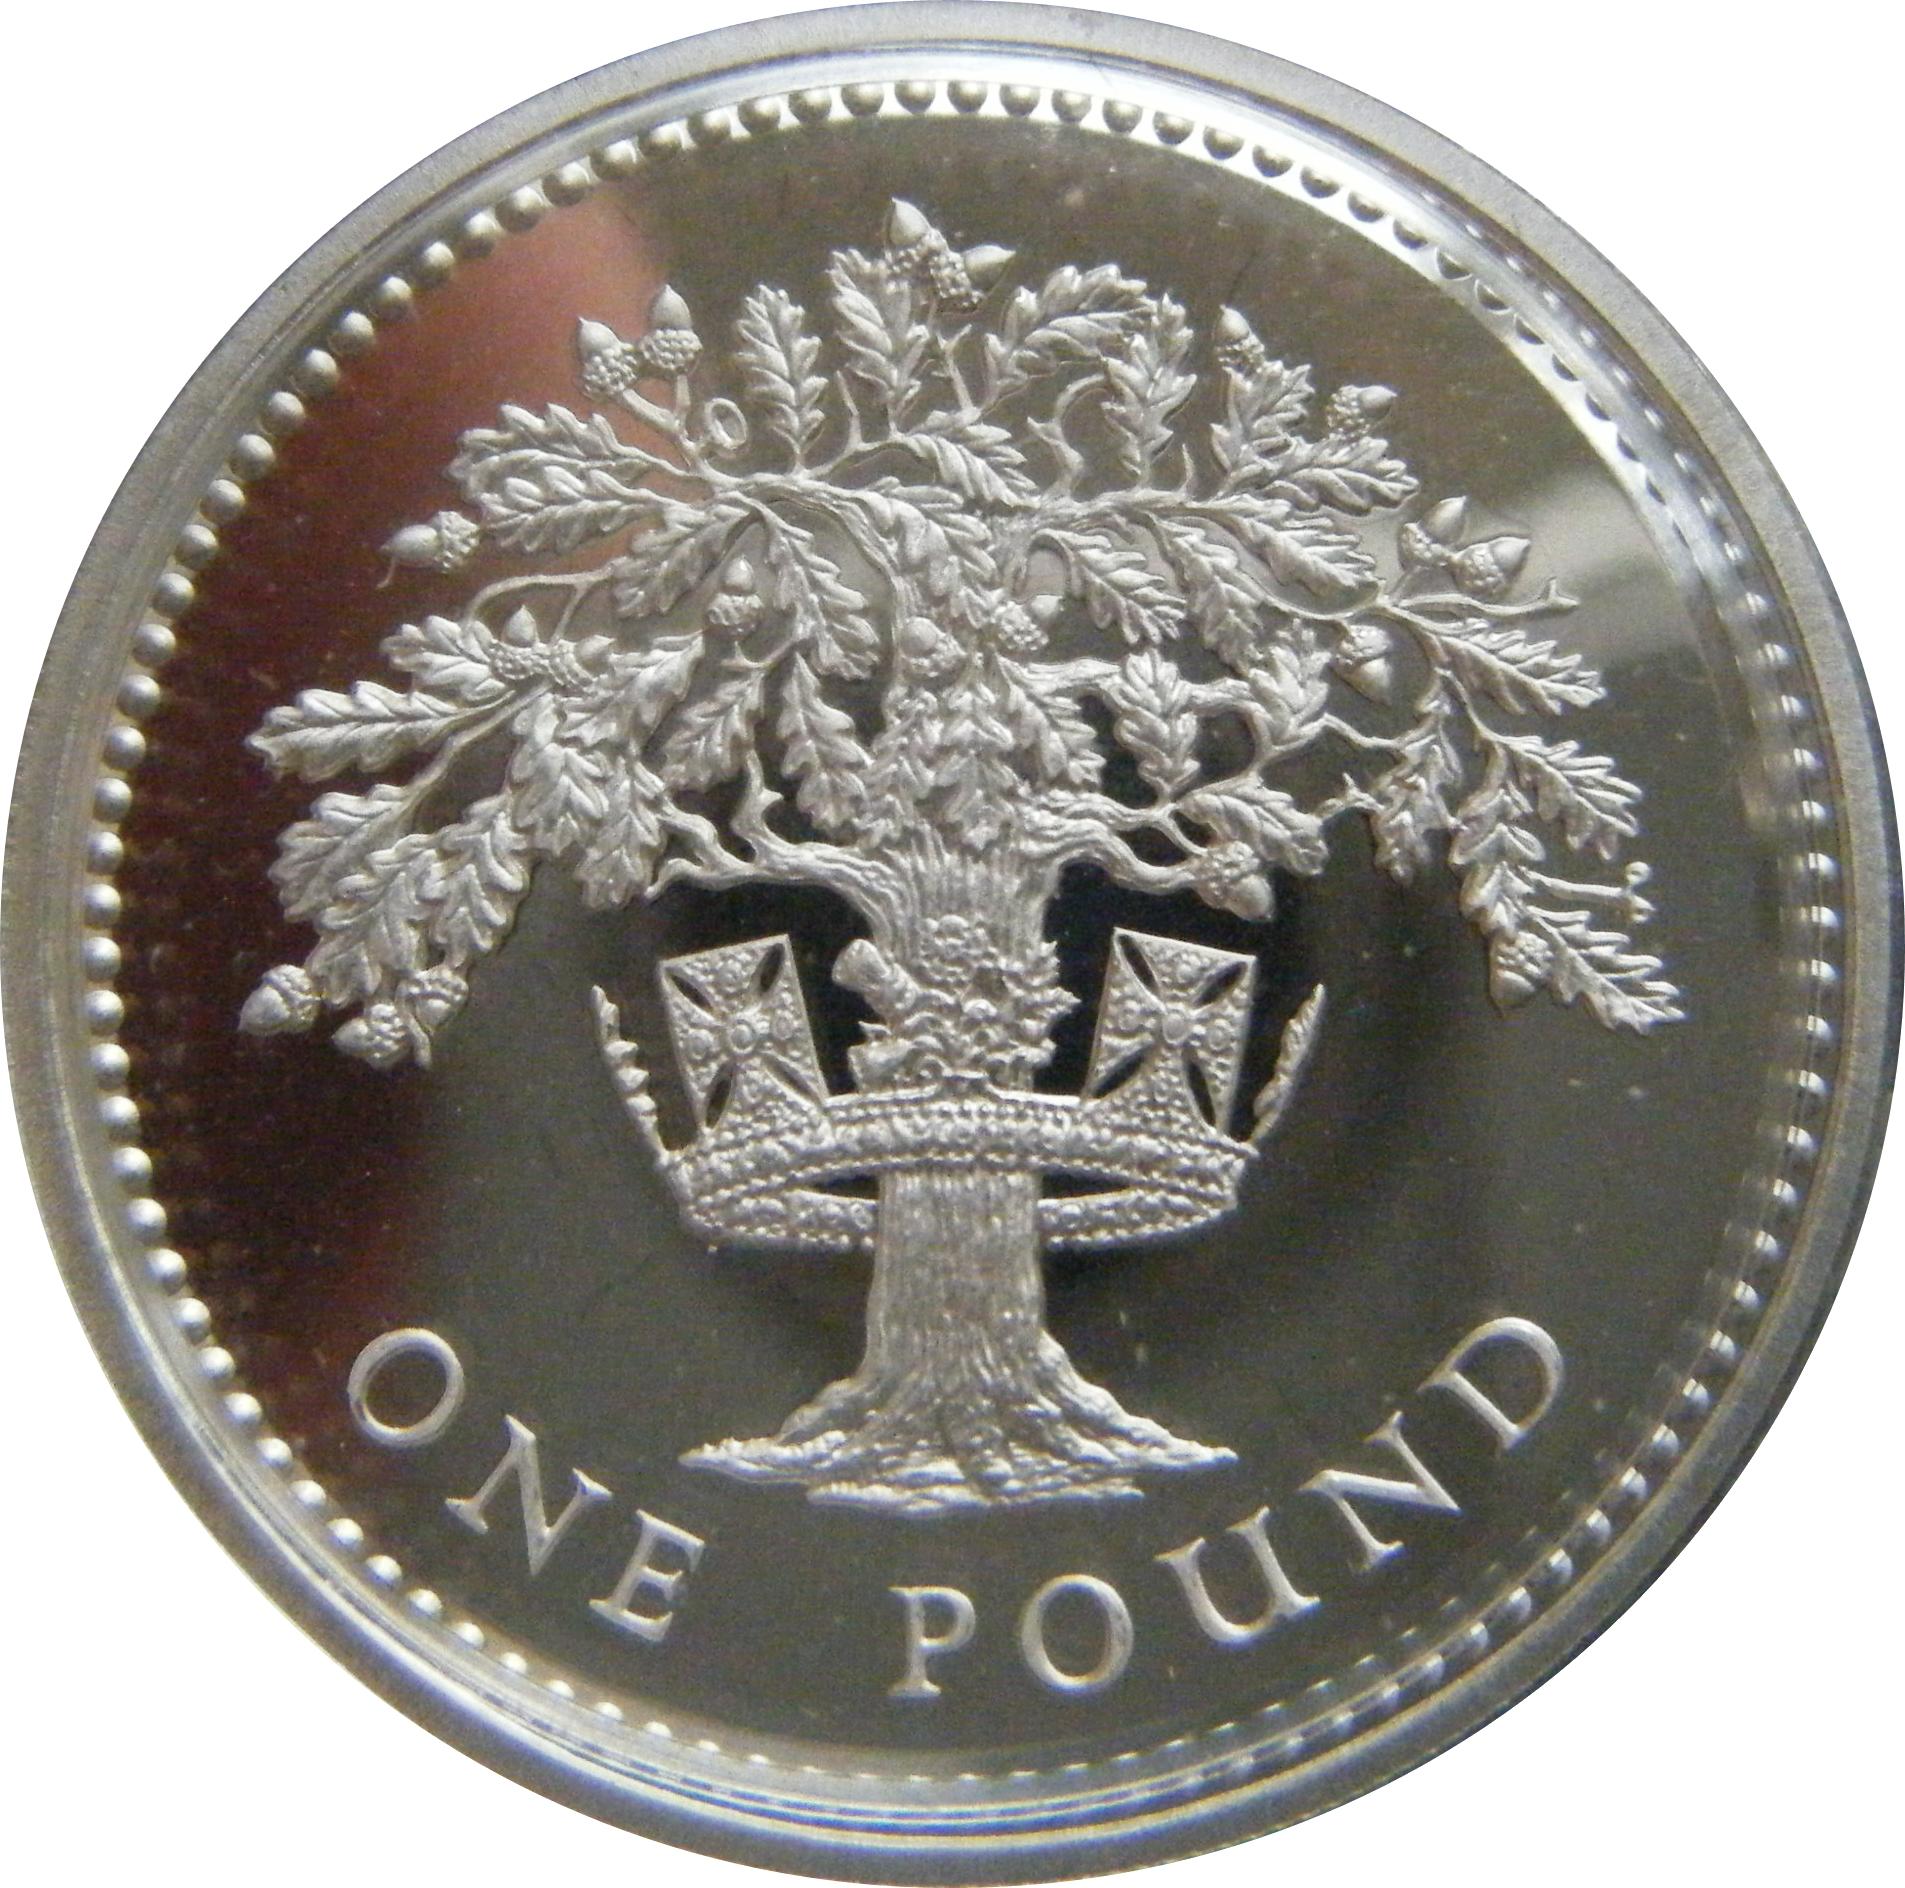 Elizabeth Ii English Oak Silver Proof